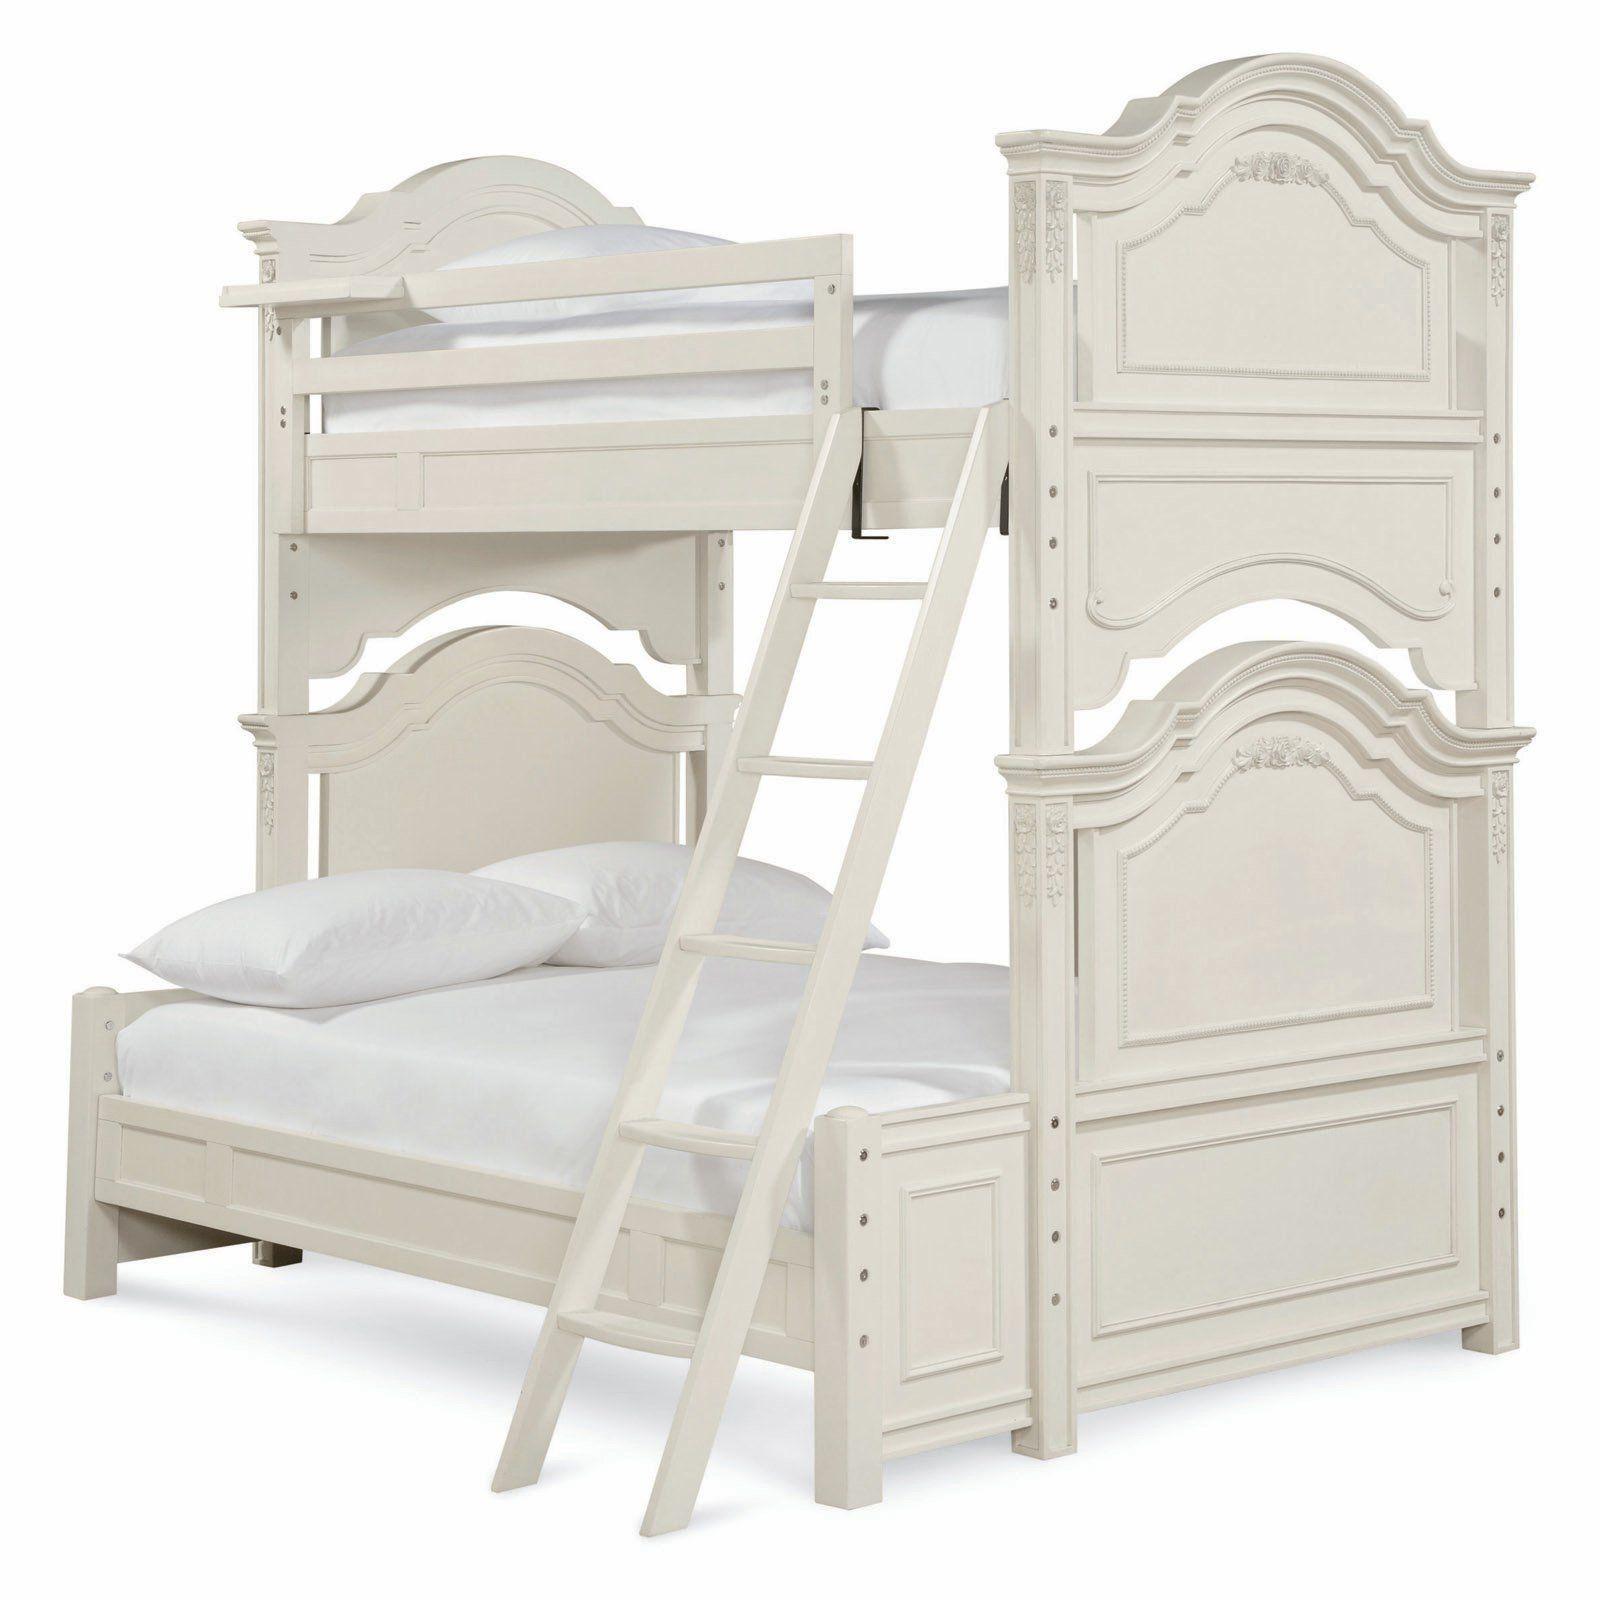 Smartstuff Gabriella Twin Over Full Bunk Bed Let Sleeping Beauties